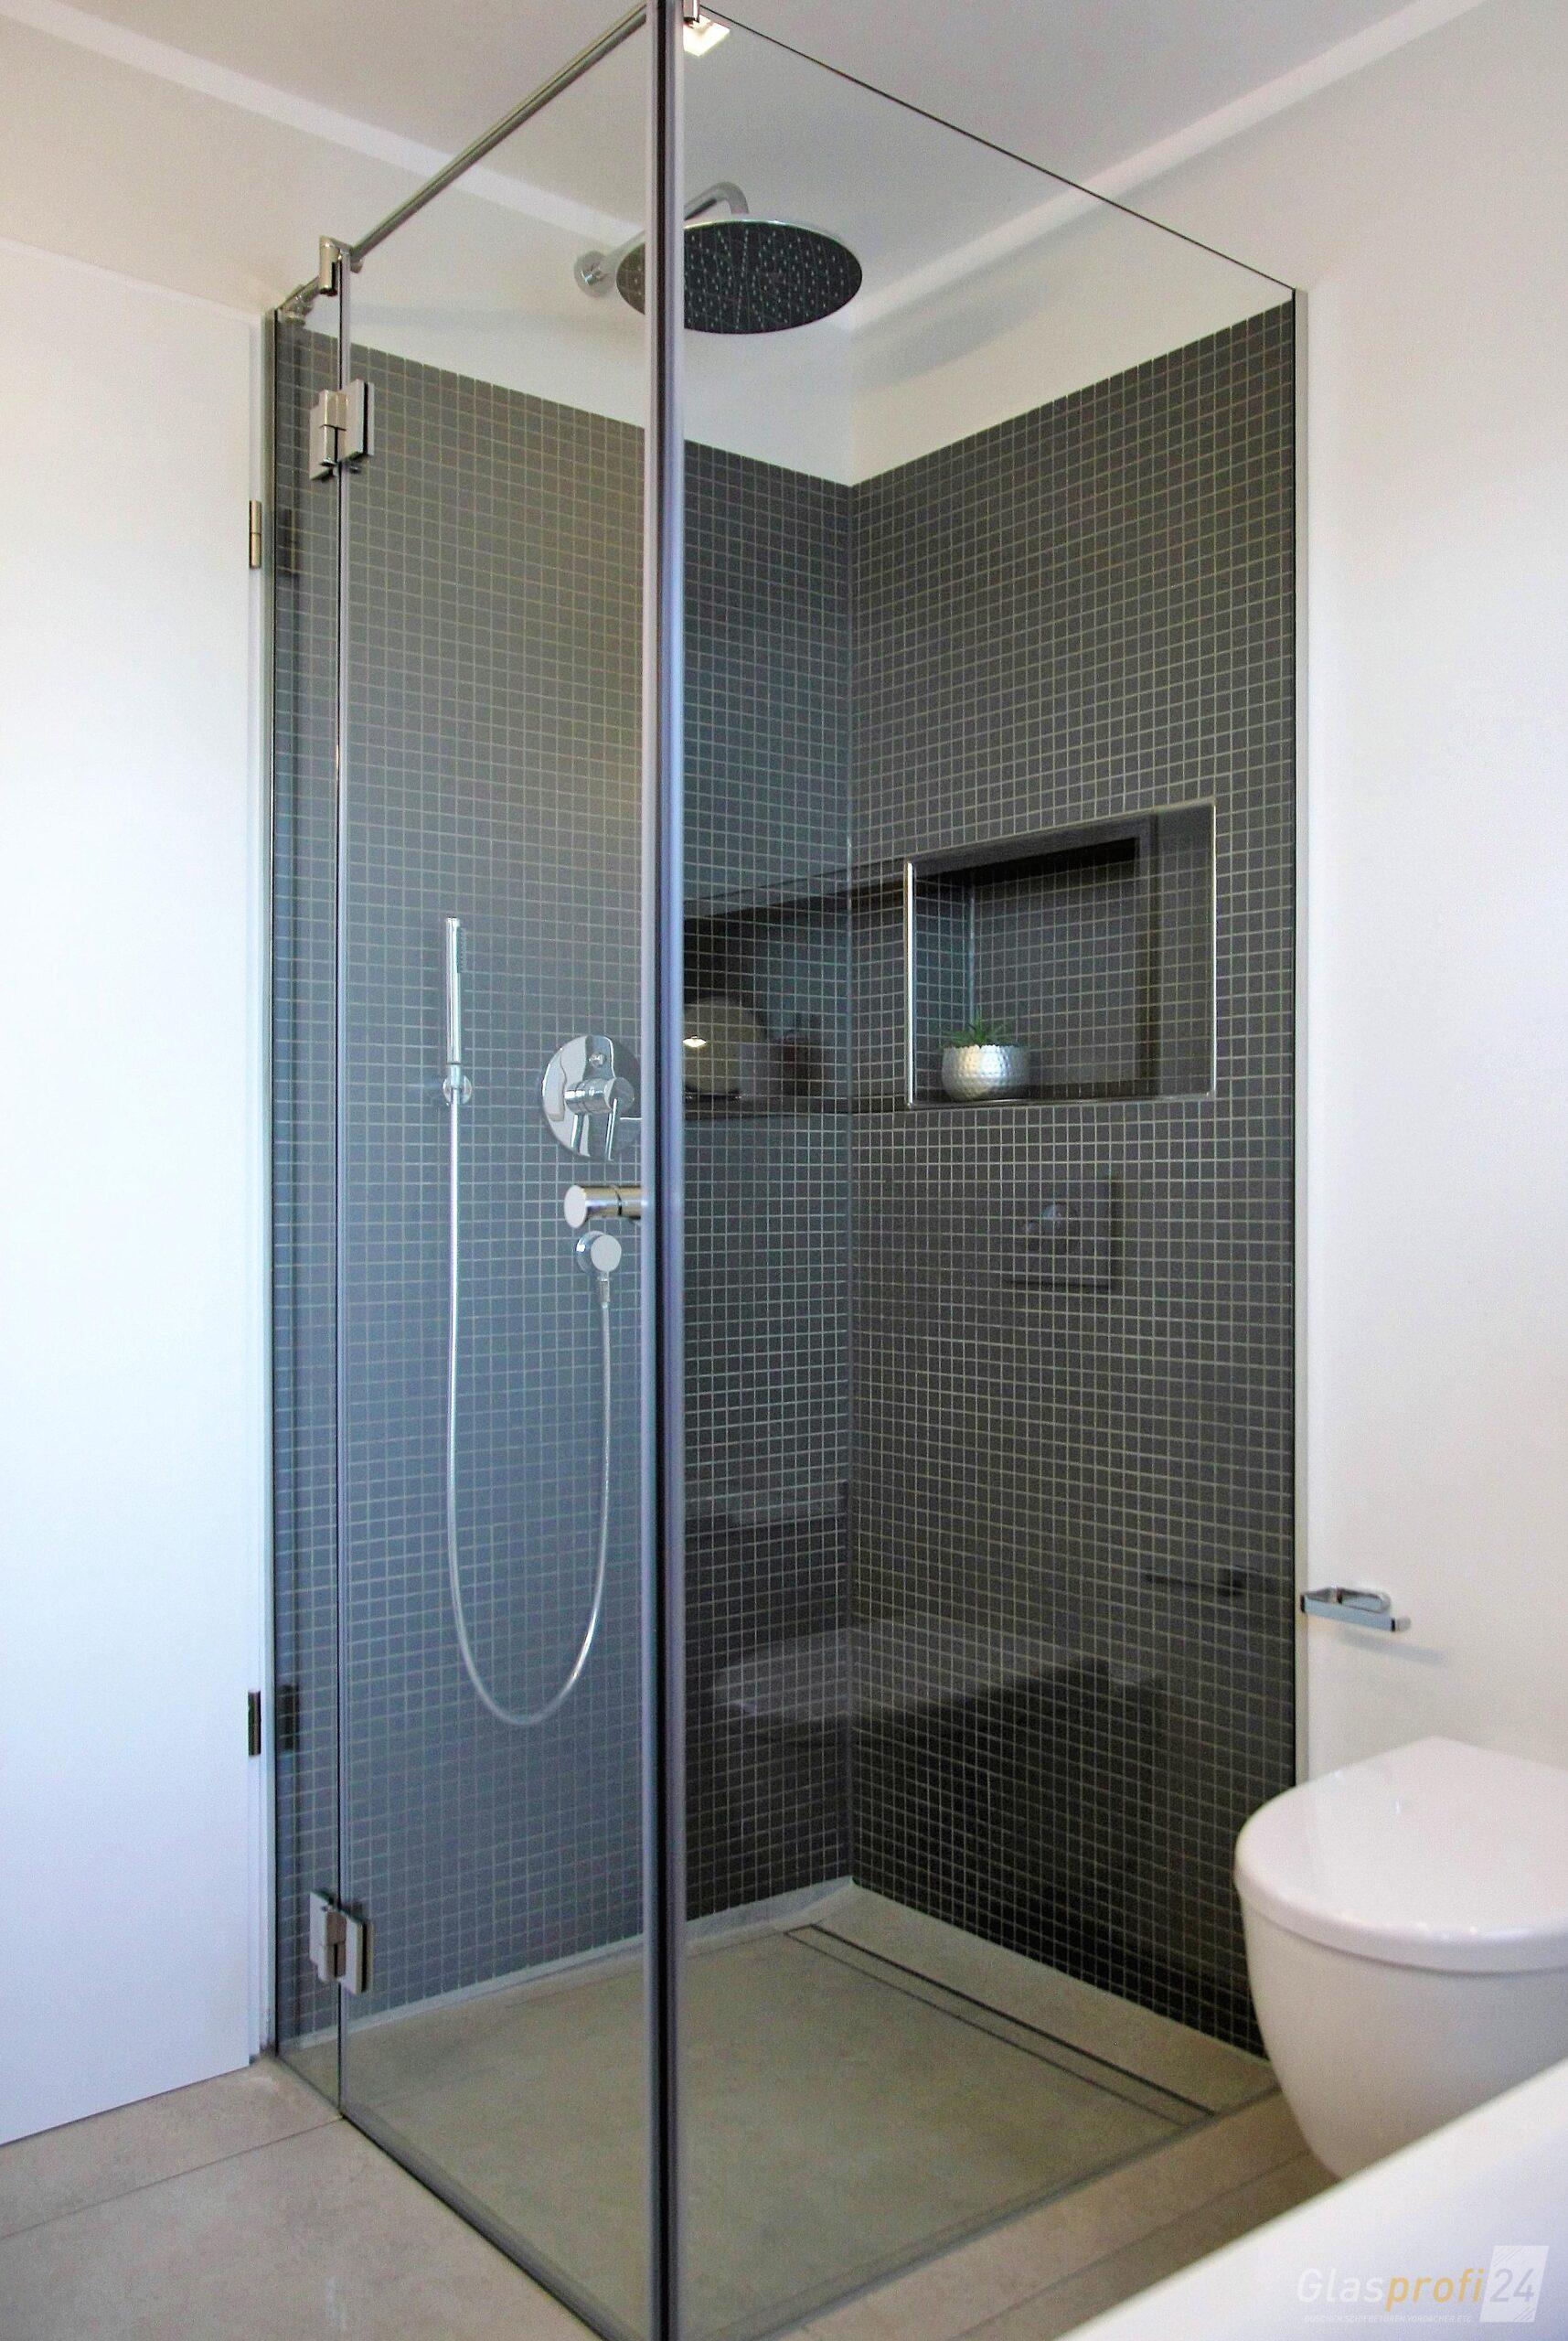 Full Size of Glastrennwand Dusche Eckdusche Glaseckdusche Glasprofi24 Glasabtrennung Bodengleiche Nachträglich Einbauen Hsk Duschen Bluetooth Lautsprecher Einhebelmischer Dusche Glastrennwand Dusche